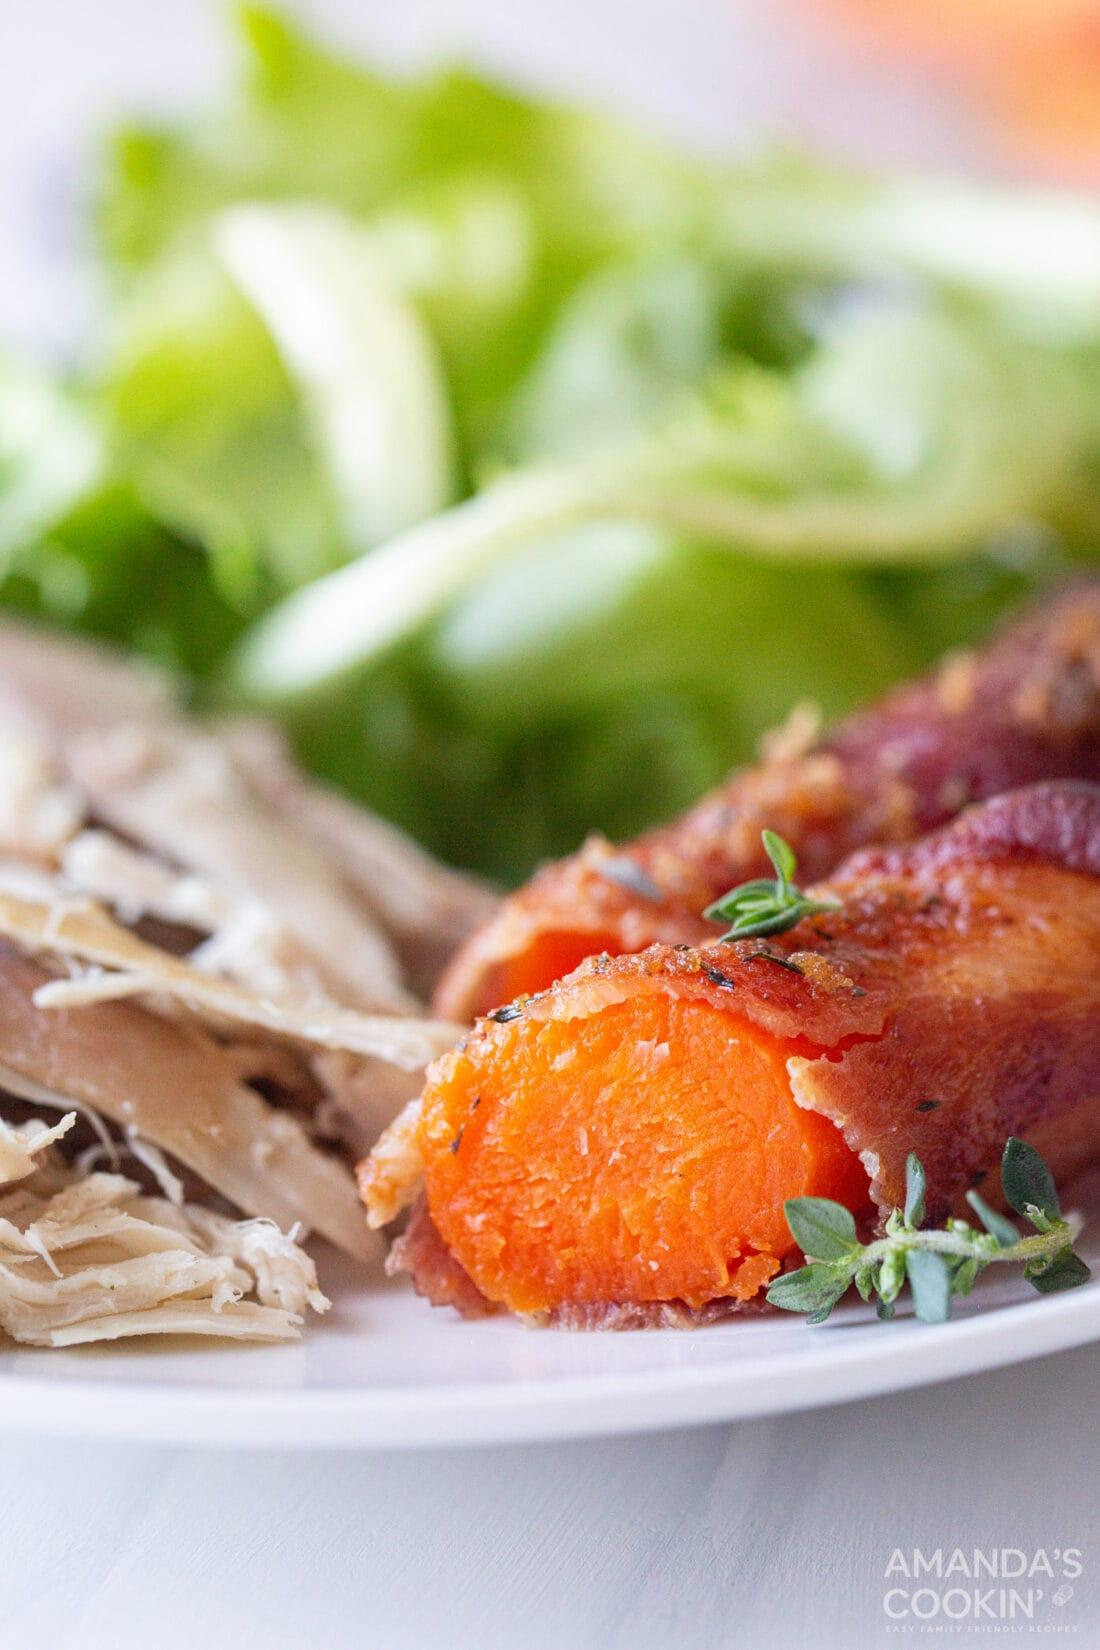 sliced carrot on plate